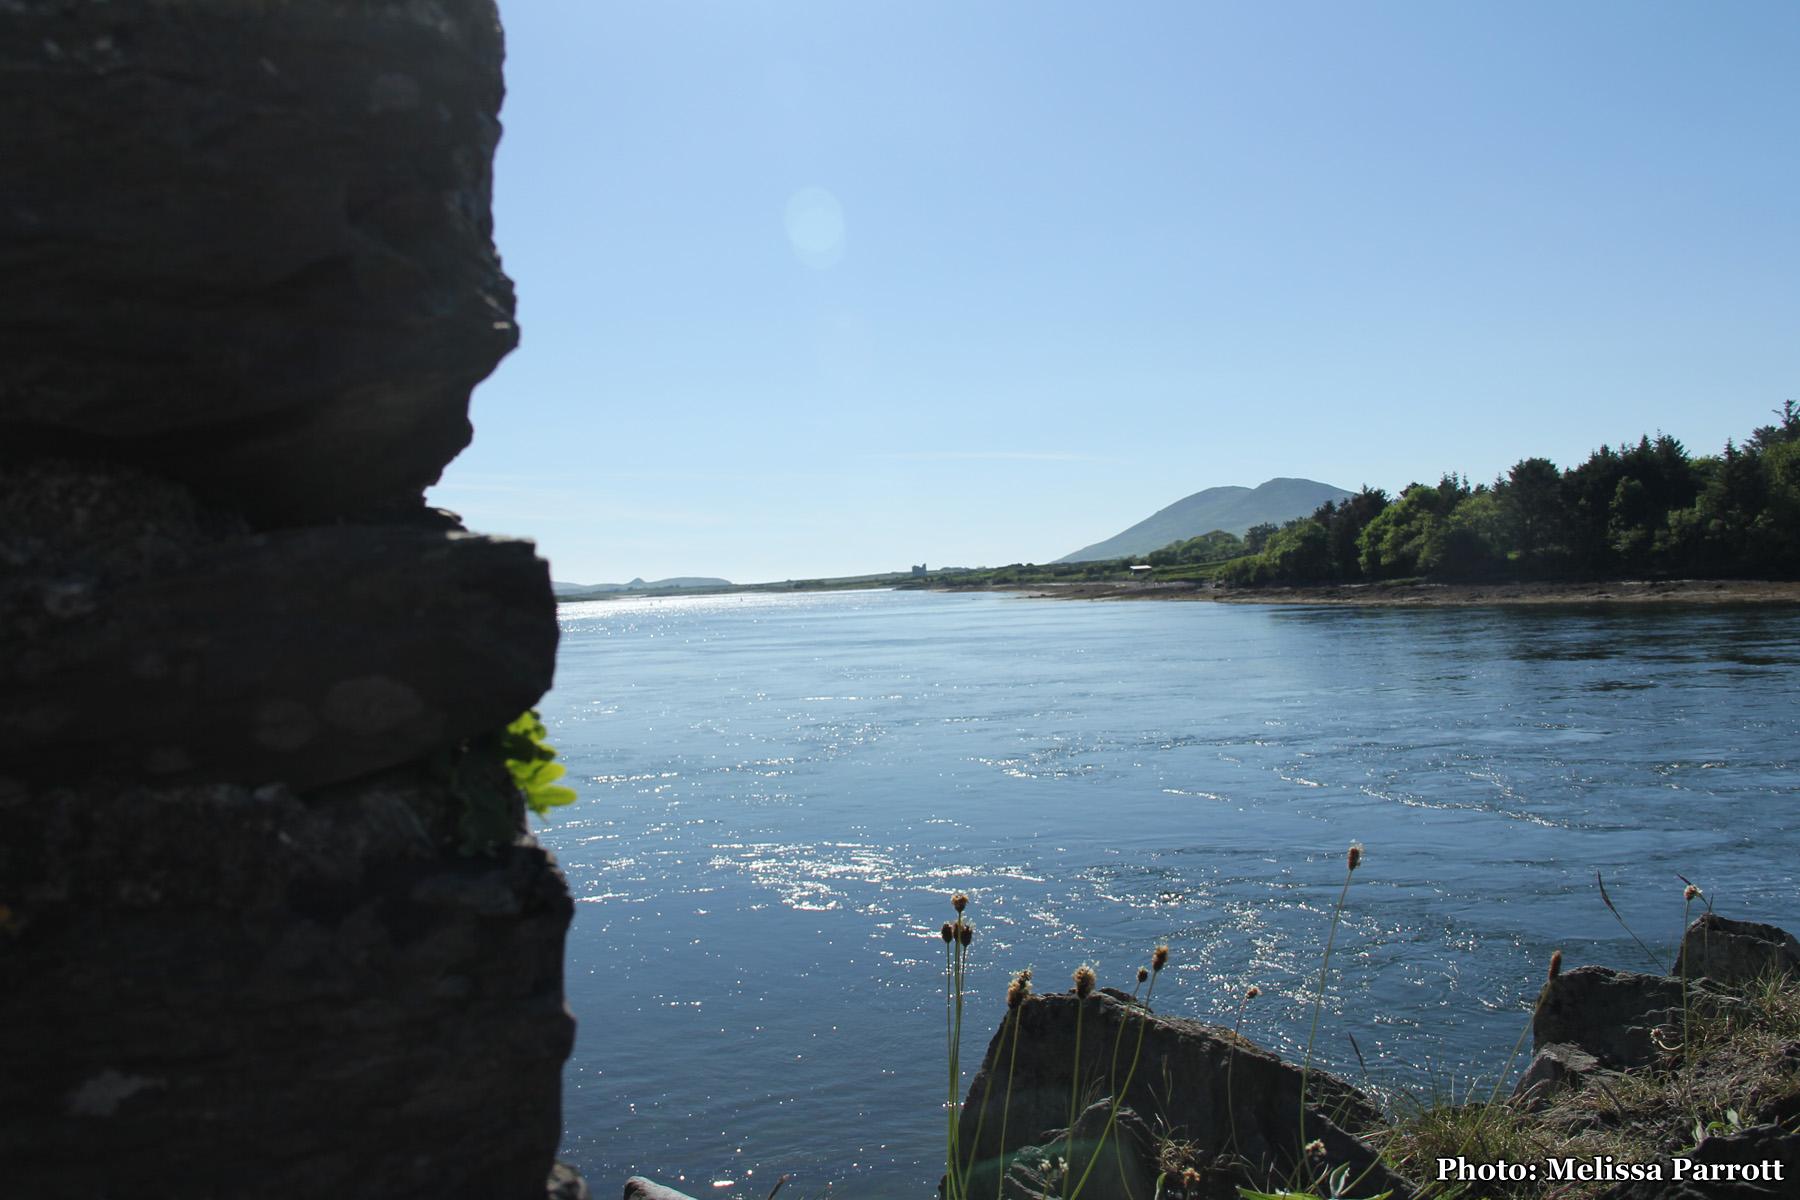 River Fertha